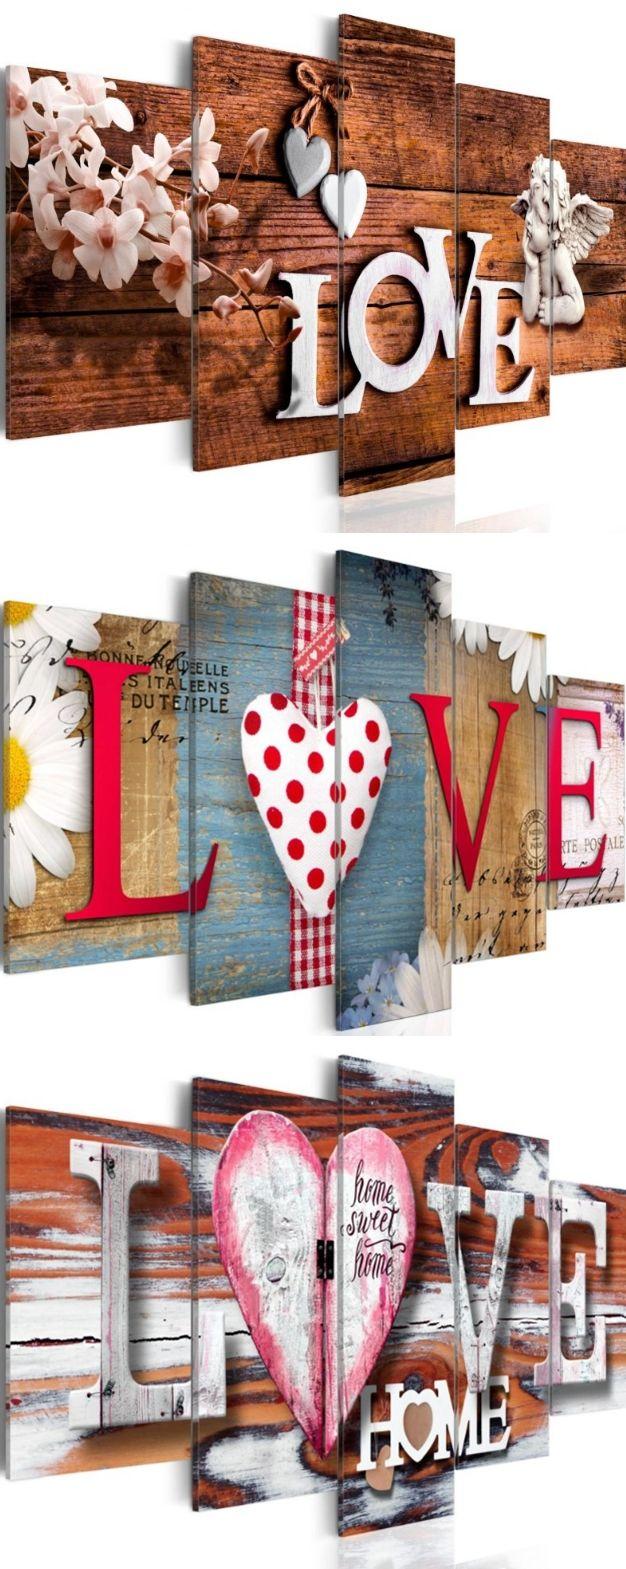 comprare quadri moderni per arredare #casa - guarda le #gallery o cerca la parola in alto a destra - come #love   https://www.quadriperarredare.it/catalogo/quadri/  La stampa di altissima qualità Tela speciale e alta risoluzione di stampa garantiscono la nitidezza superiore e l'intensità dei colori